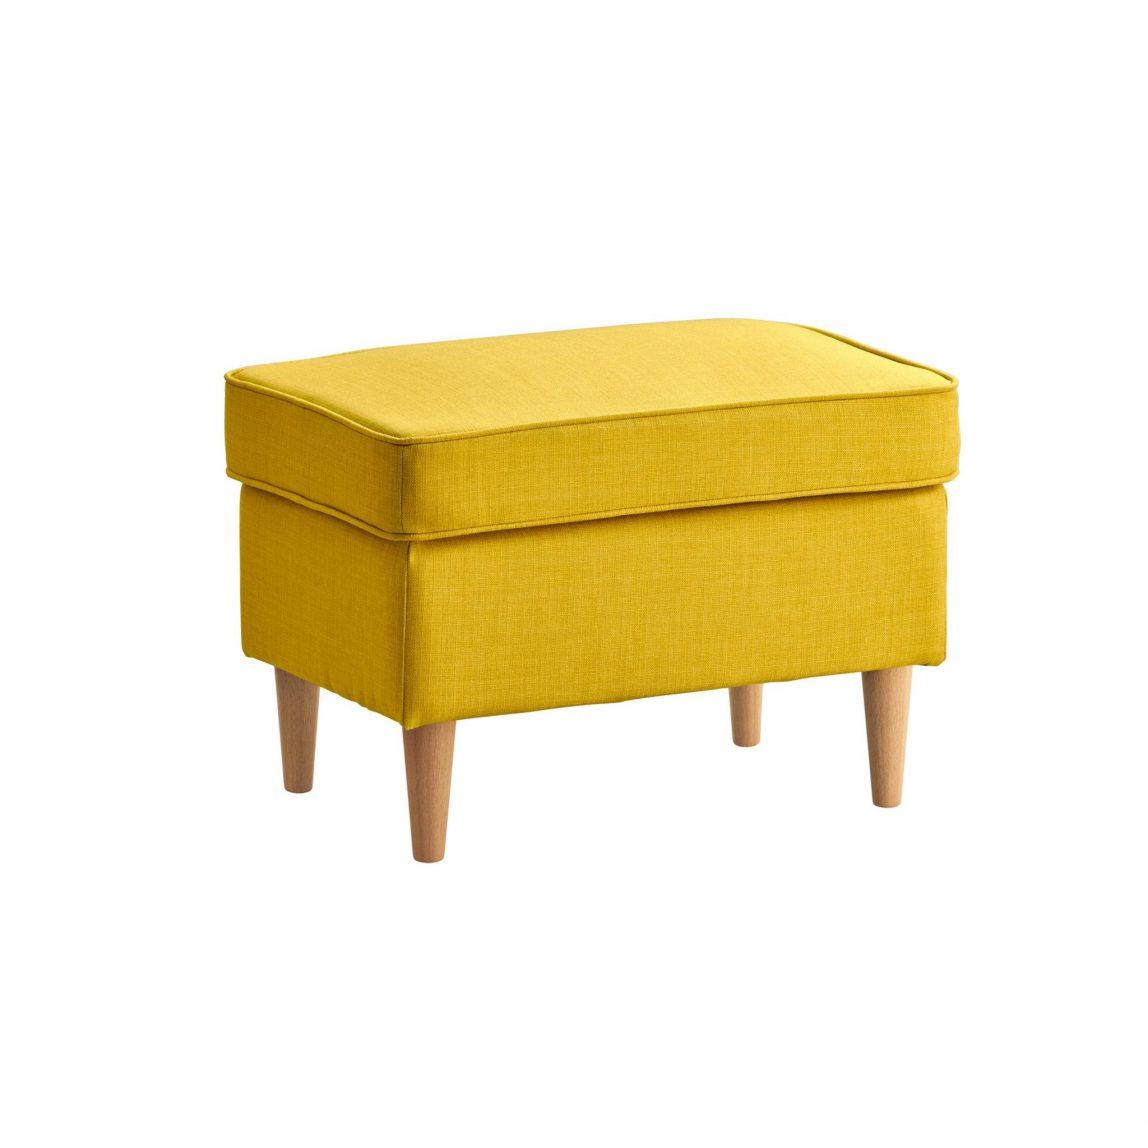 Желтая банкетка в скандинавском стиле «Торн»